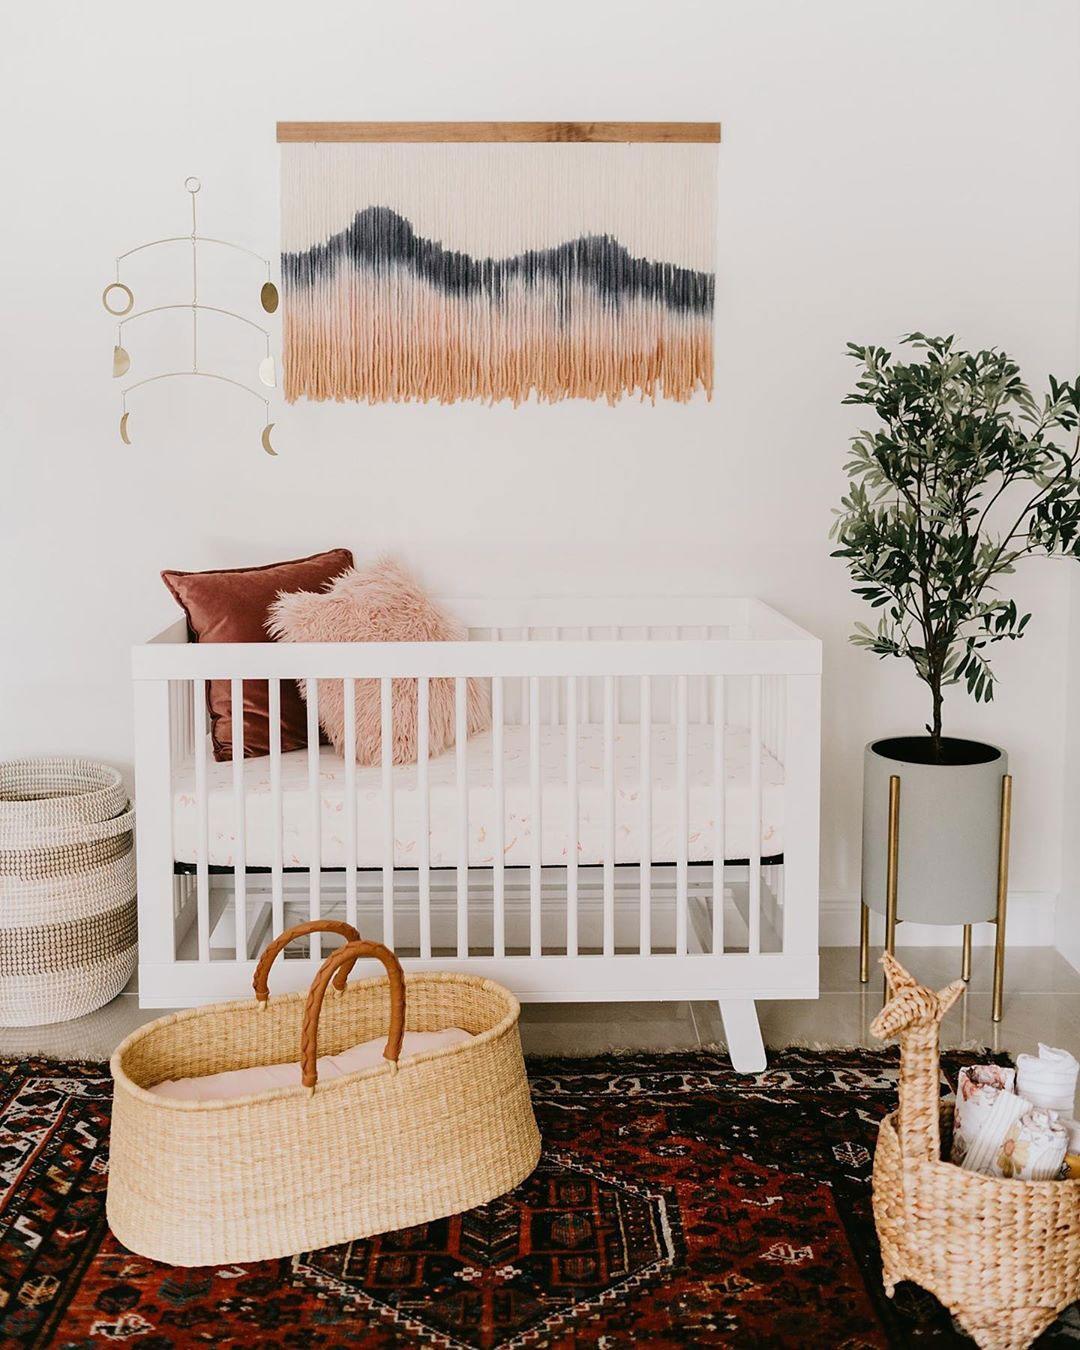 tye dye wall hanging nursery